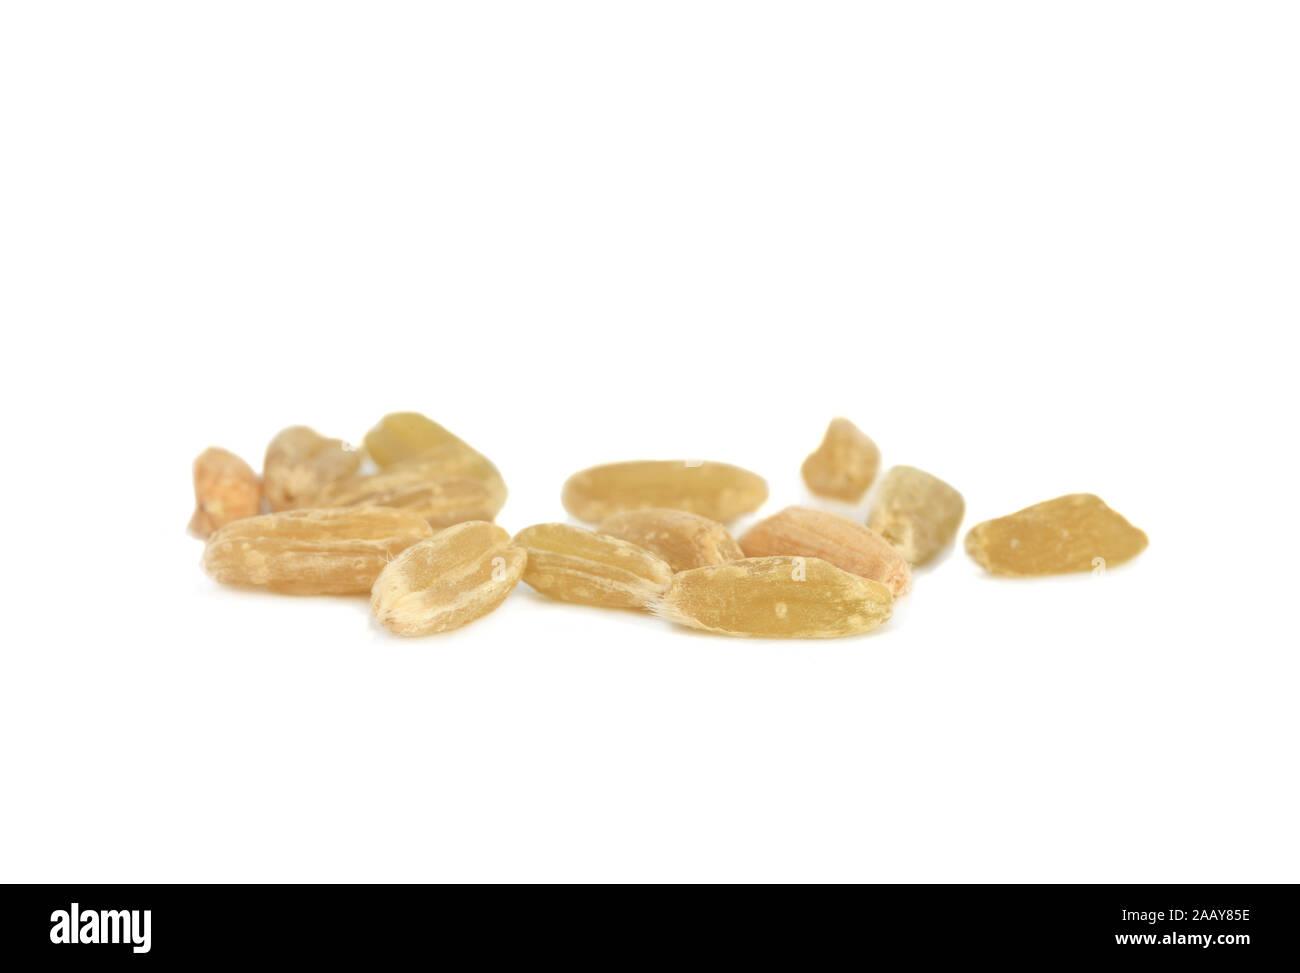 Dinkel, Spelz (Triticum spelta), Gruenkern, Einzelkoerner | spelt wheat (Triticum spelta), unripe spelt grain, single grains | BLWS035023.jpg [ (c) bl Stock Photo